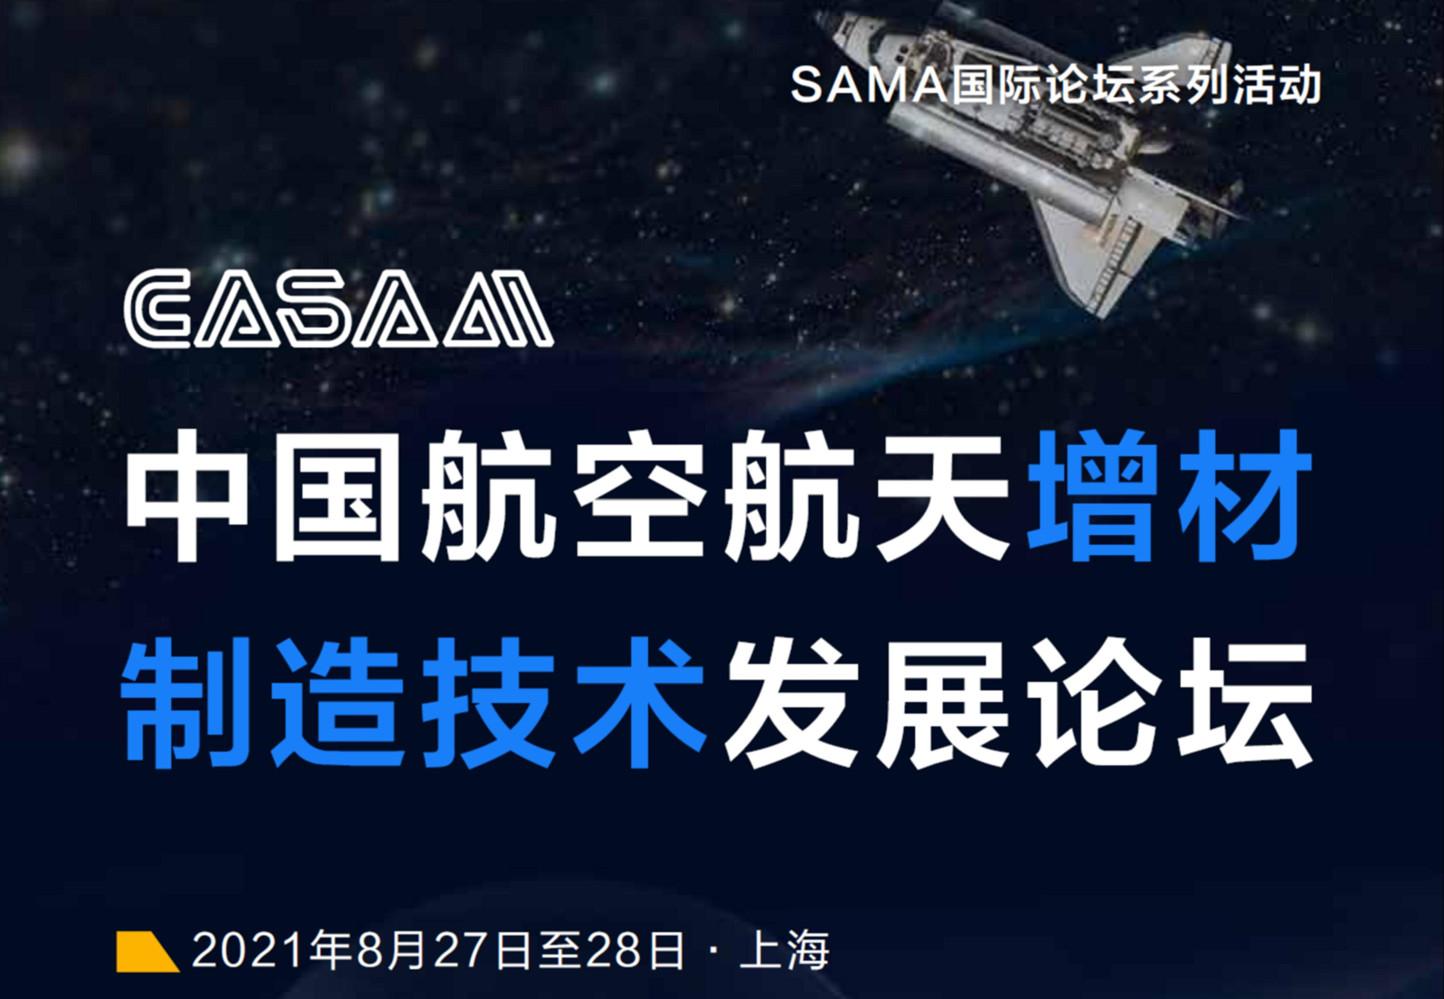 中国航空航天增材制造技术发展论坛8月27日-28日将在上海举行插图